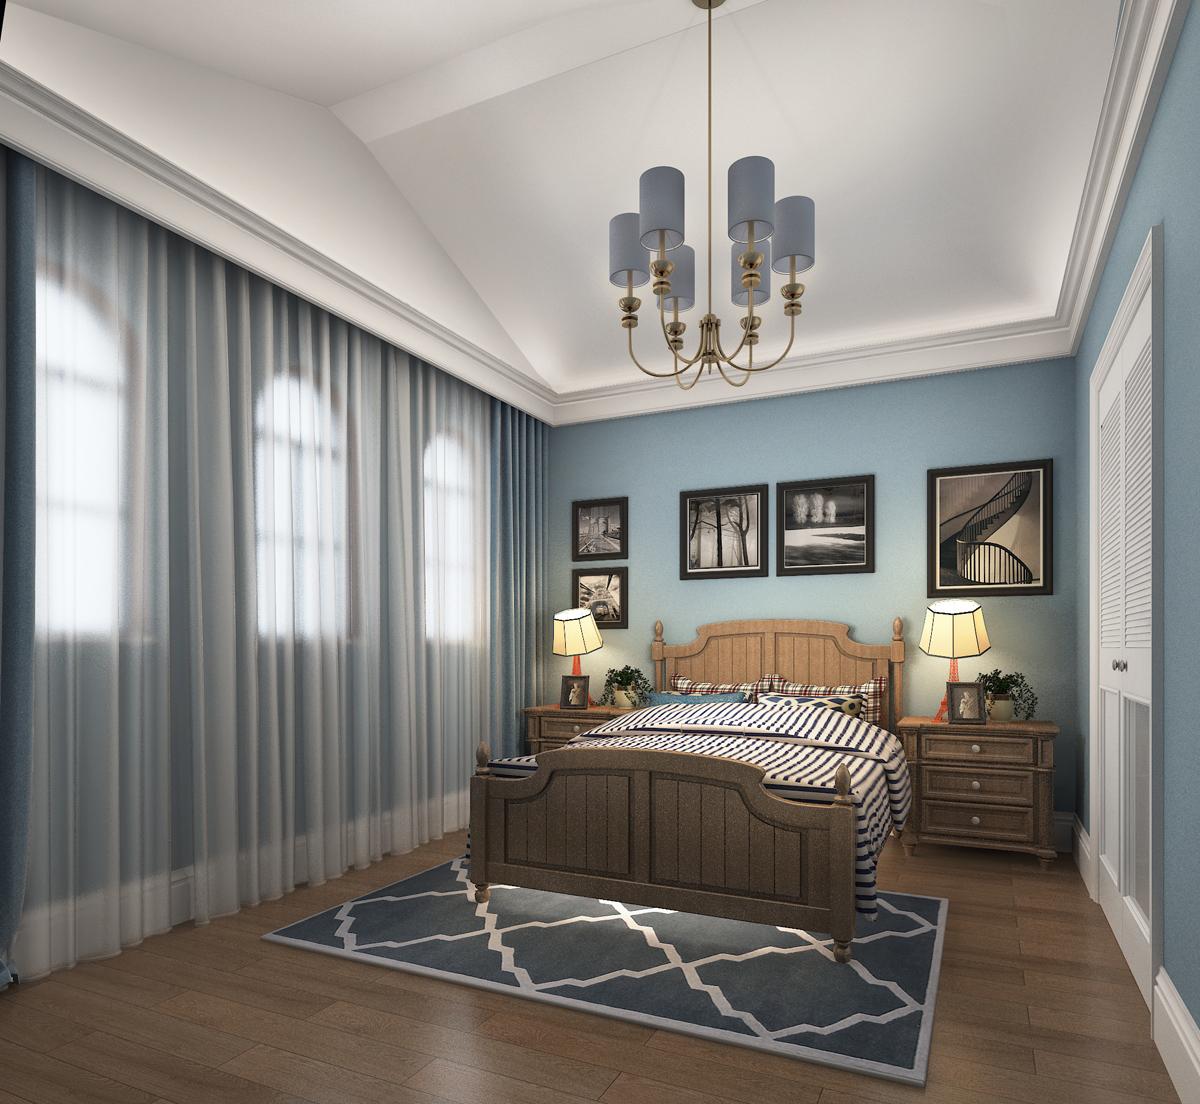 简约 美式 别墅 儿童房图片来自轻舟装饰-90后的华仔在亚运新新家园-480平米-简美风格的分享